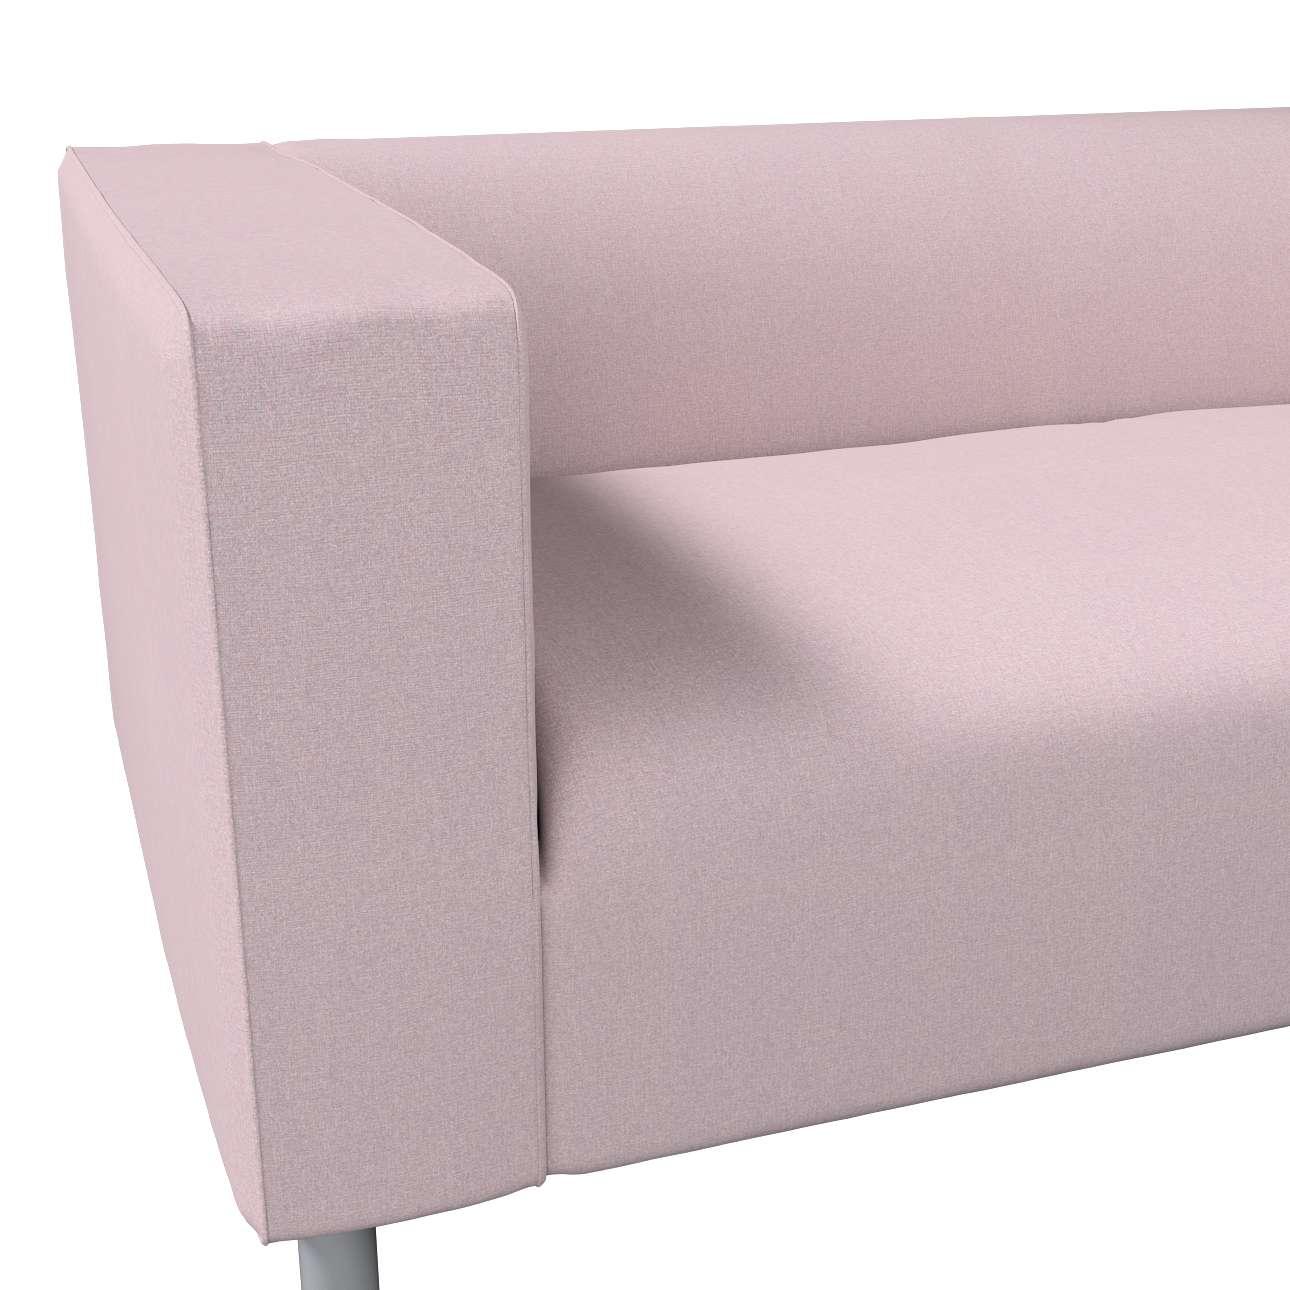 Pokrowiec na sofę Klippan 4-osobową w kolekcji Amsterdam, tkanina: 704-51